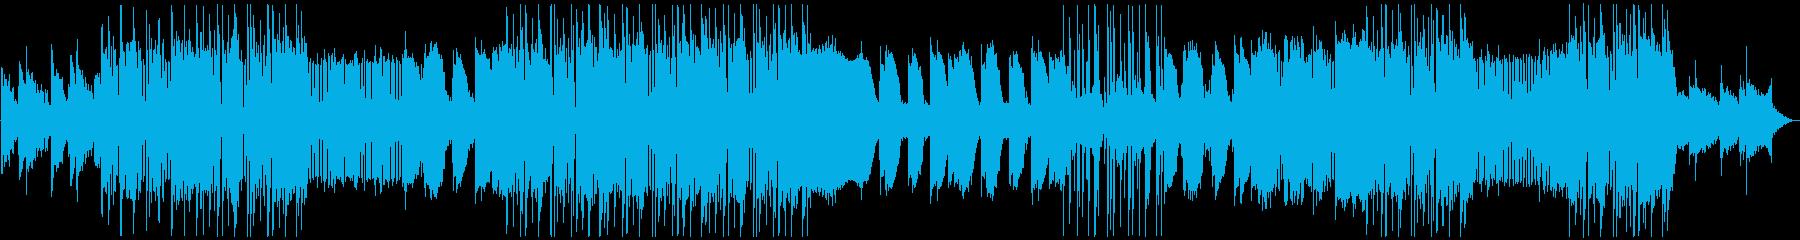 明るく不思議なCHILL系HIPHOPの再生済みの波形